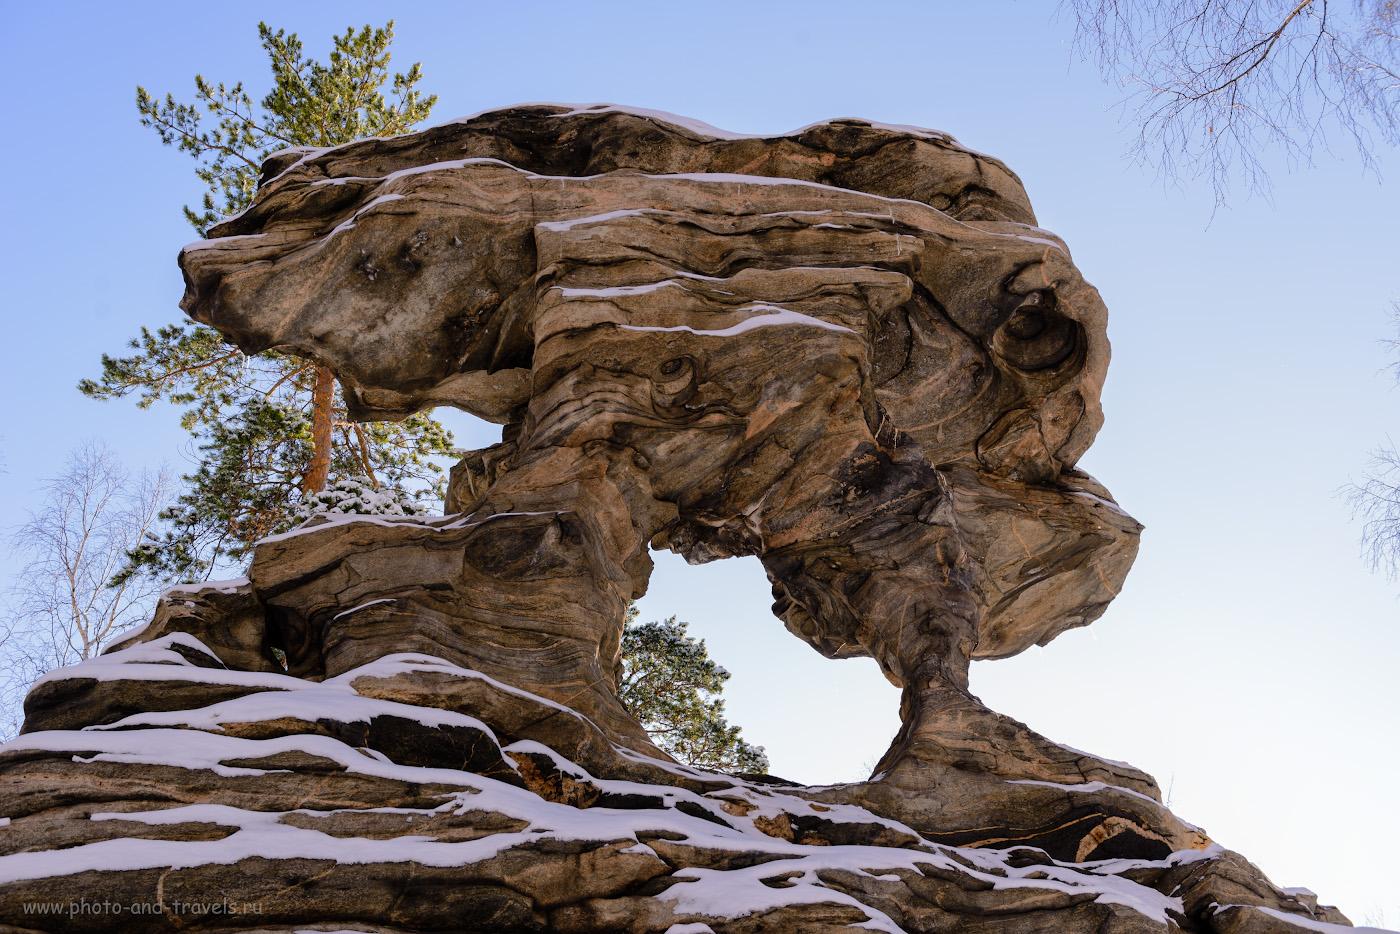 Фотография 17. Вид на скалу Крылья дракона.